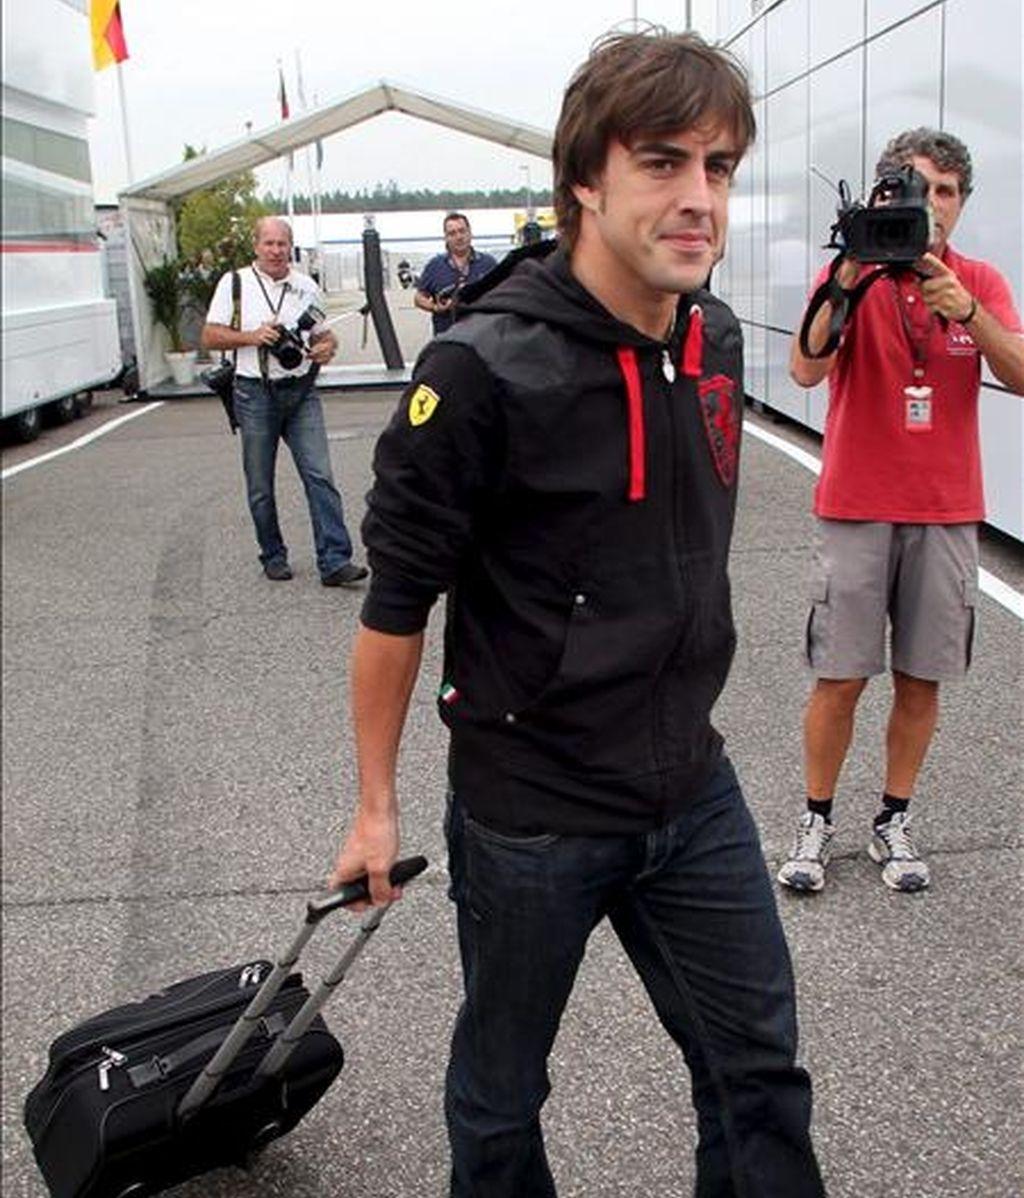 """El piloto español de Fórmula Uno, Fernando Alonso, de Ferrari, camina hoy por el """"paddock"""" en el circuito de Hockenheimring, en Hockenheim (Alemania). El Gran Premio de Alemania de Fórmula Uno se disputará el próximo domingo 25 de julio. EFE"""